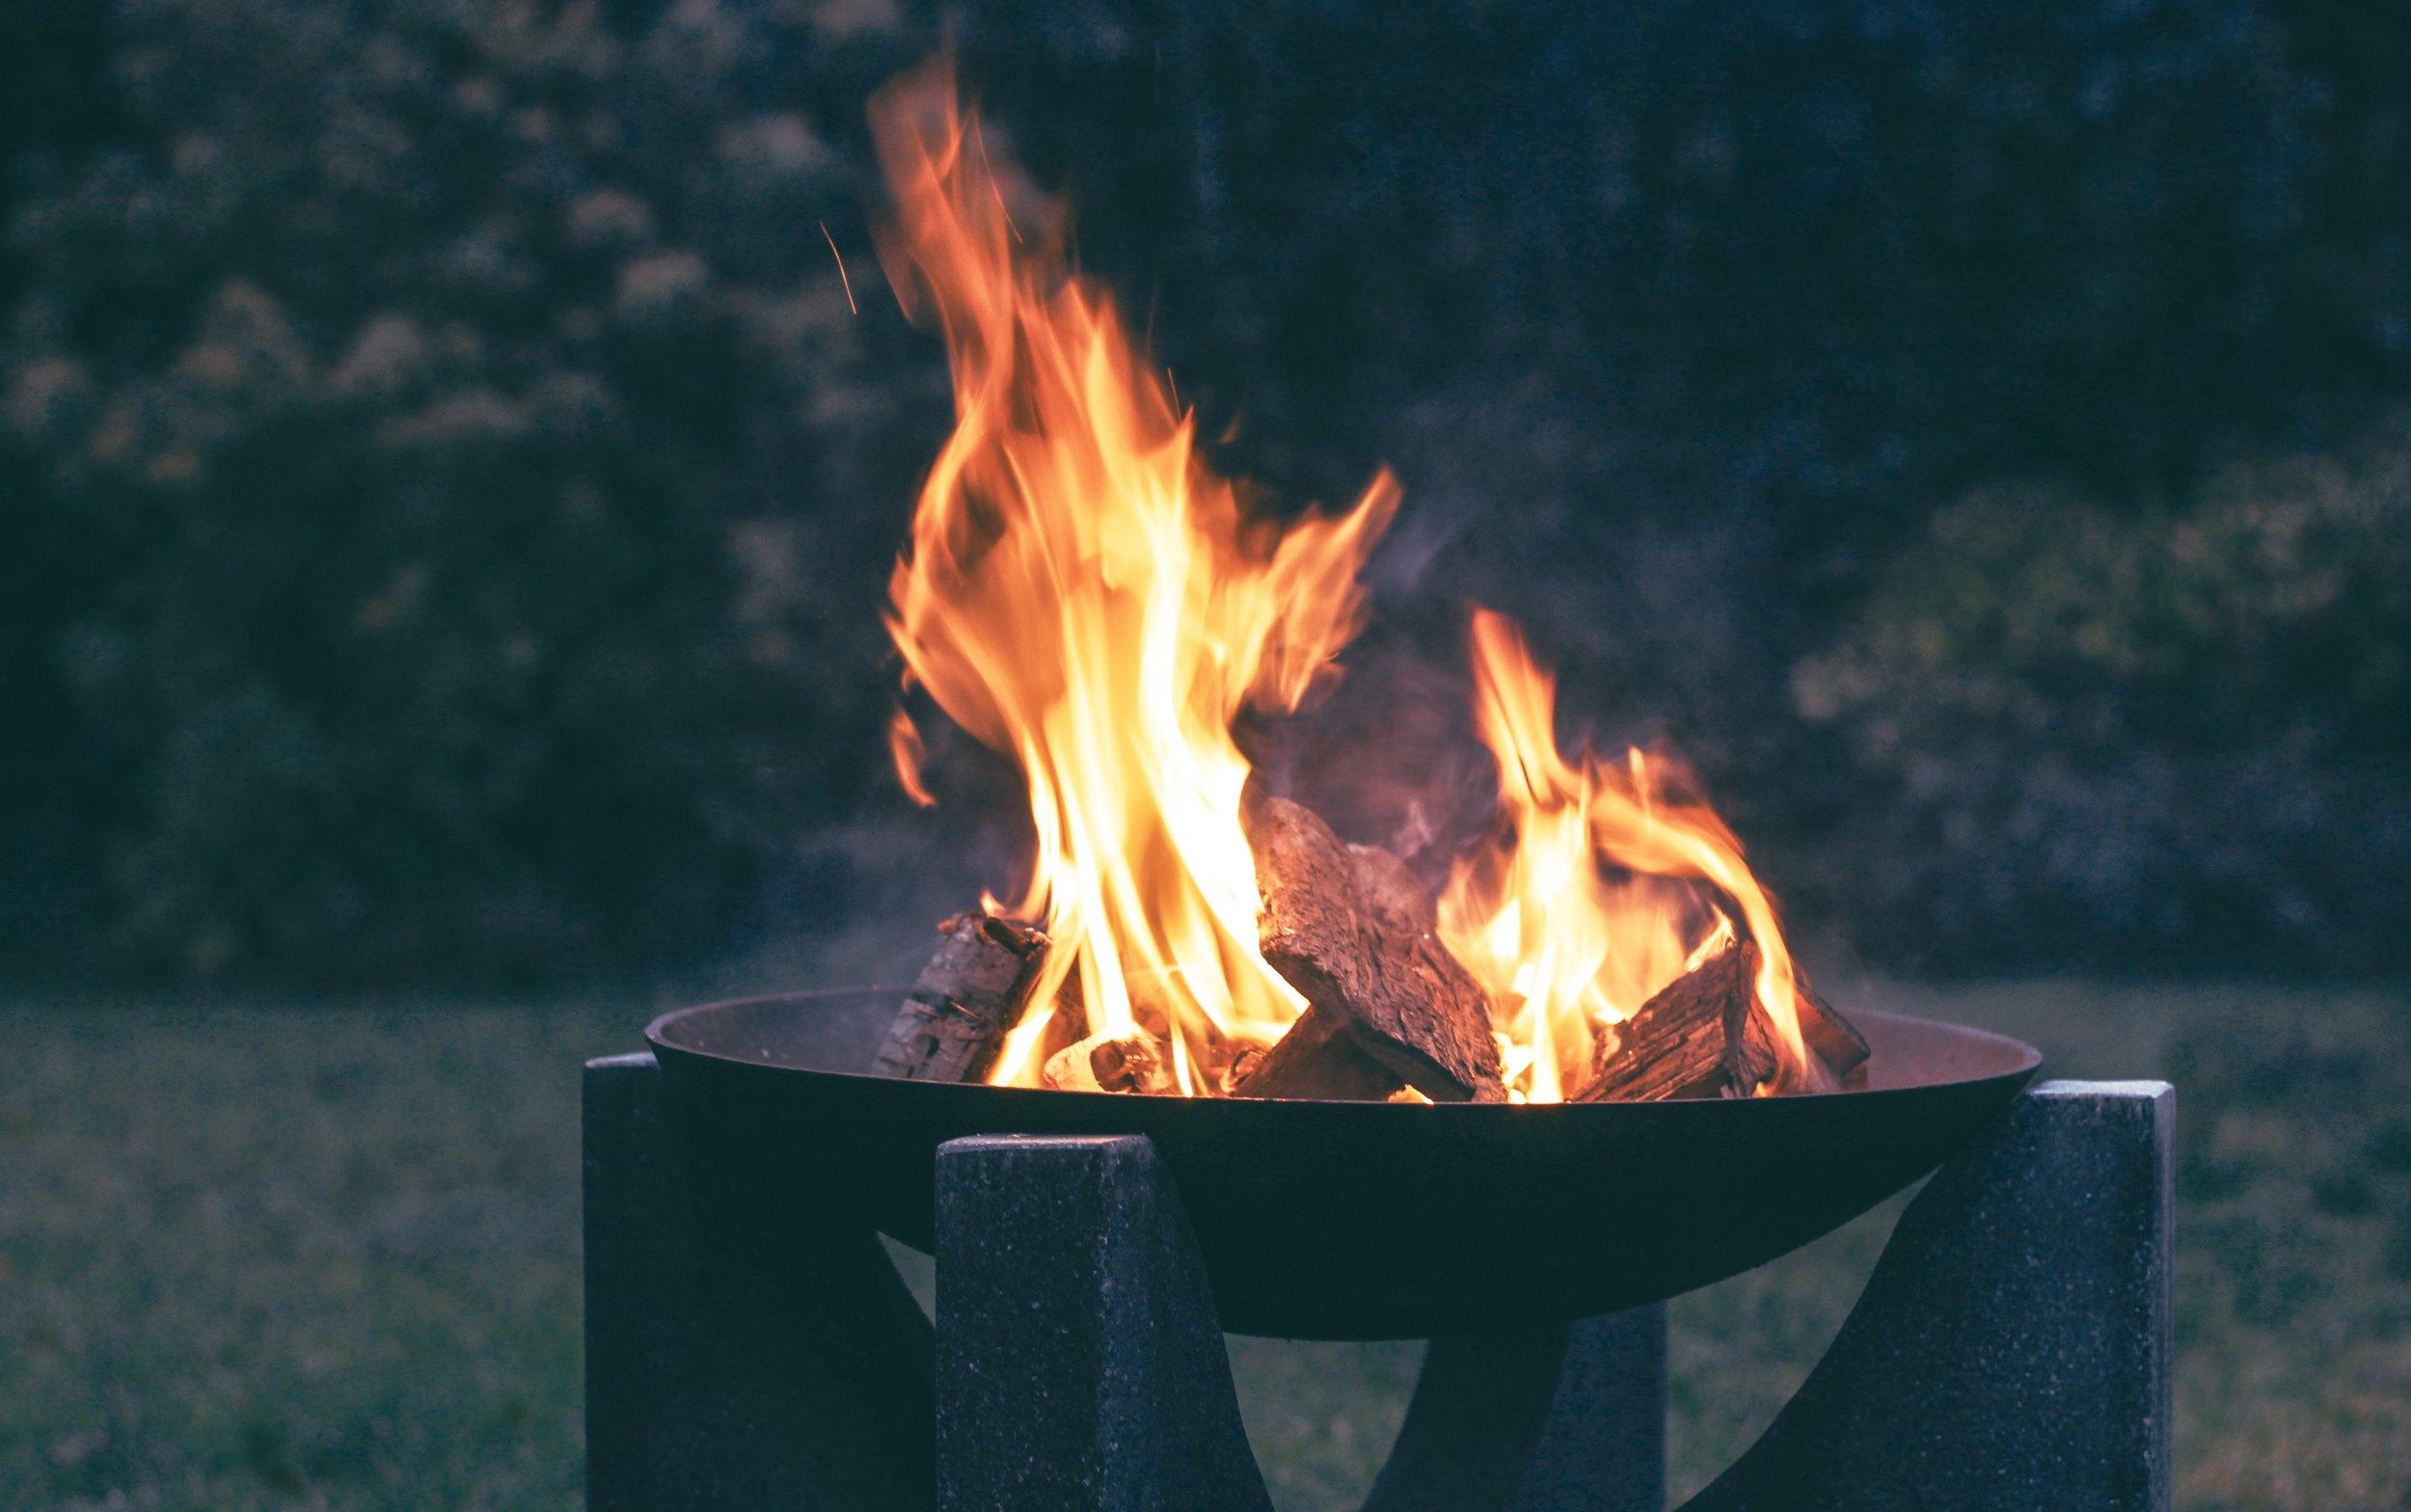 blaze-blur-bonfire-752538.jpg